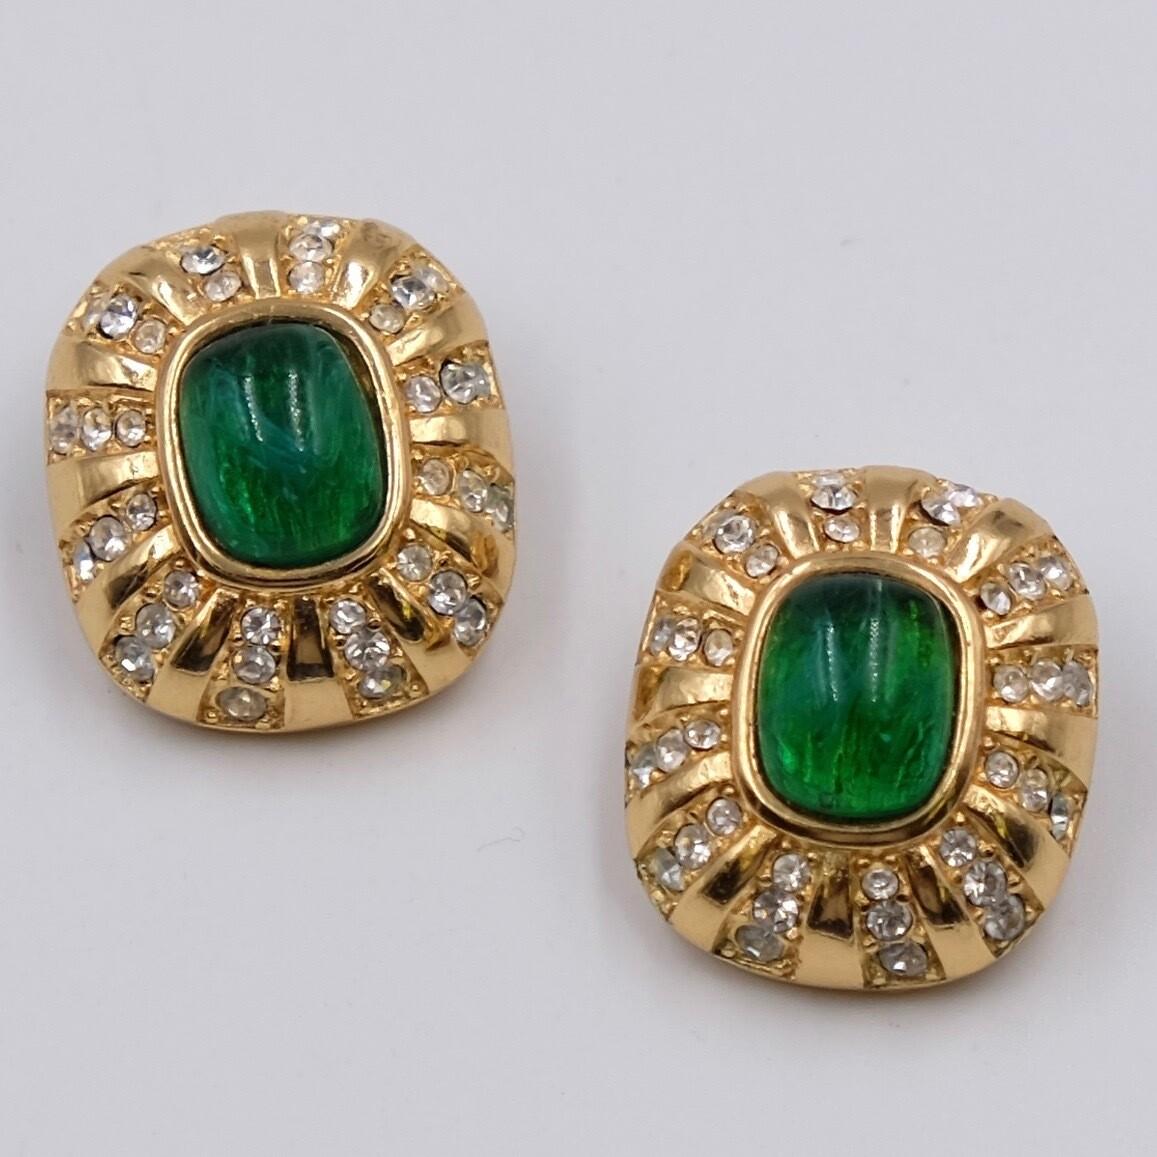 Винтажные клипсы Christian Dior с зеленым стеклом 1990-е